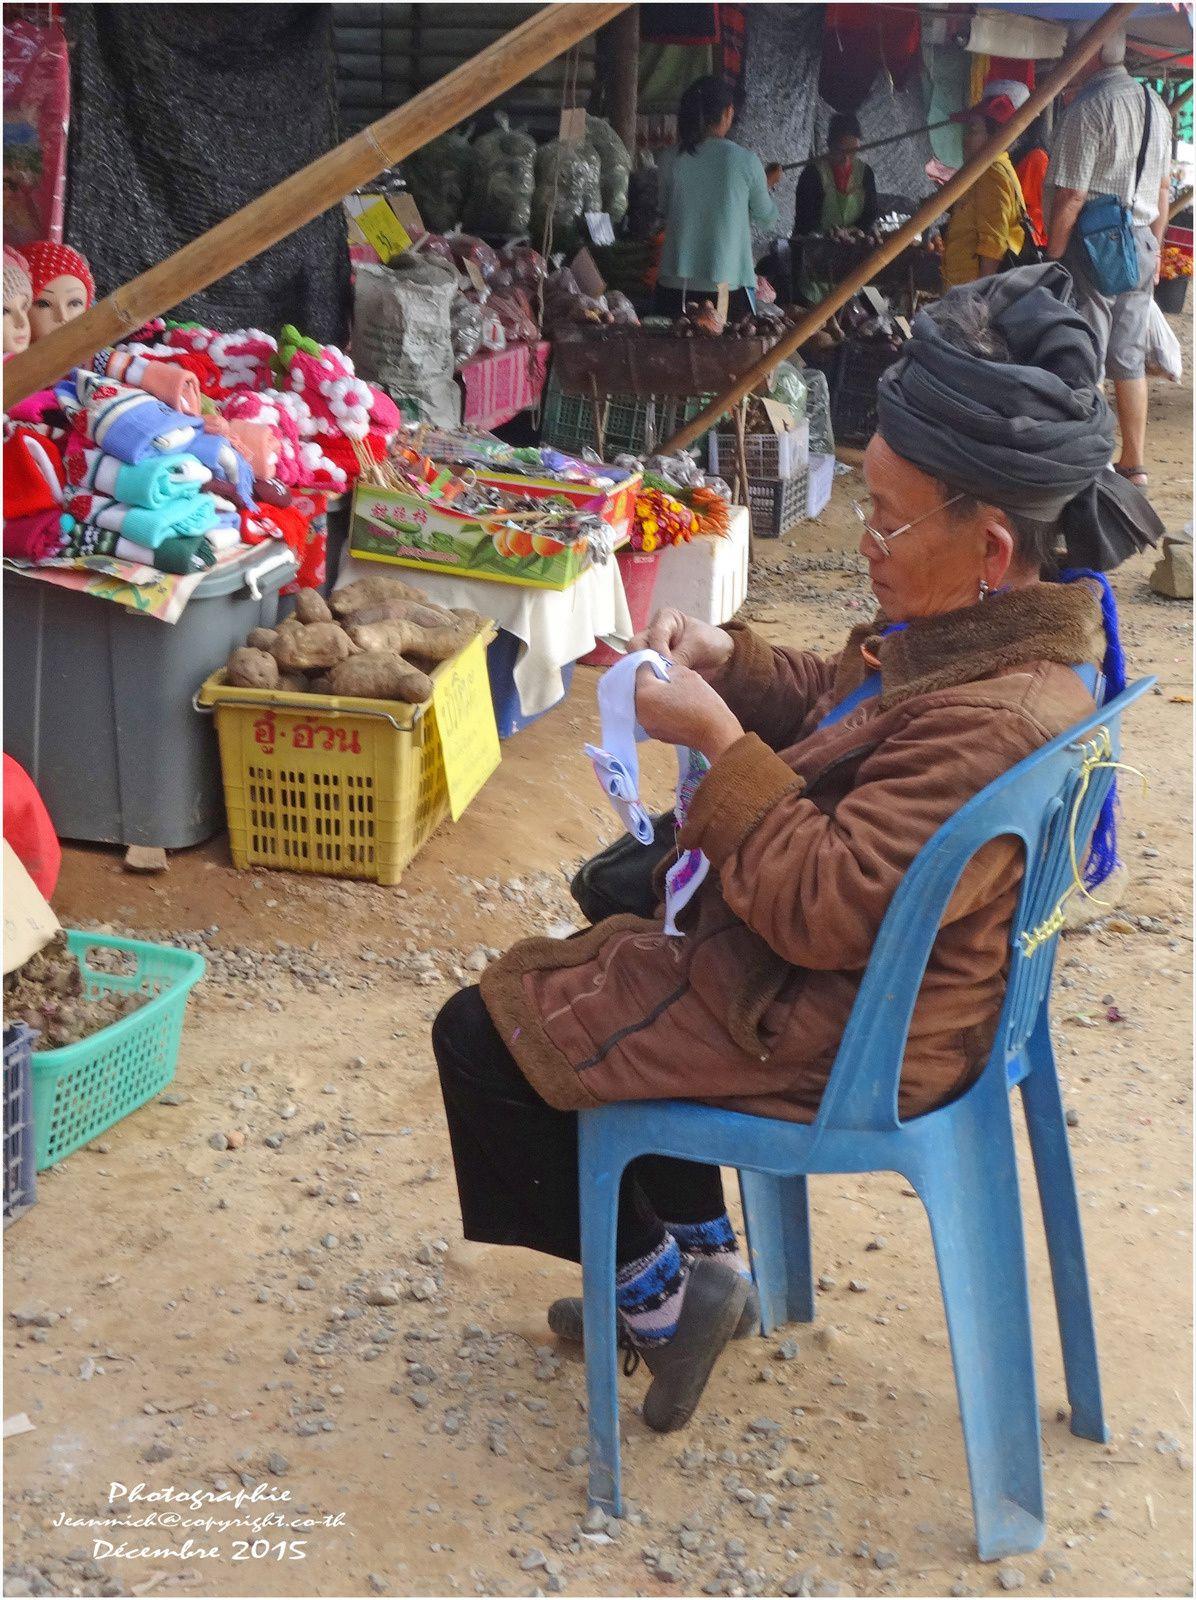 Phu Thap Boek (ภูทับเบิก) dans la fraîcheur des montagnes de Thaïlande